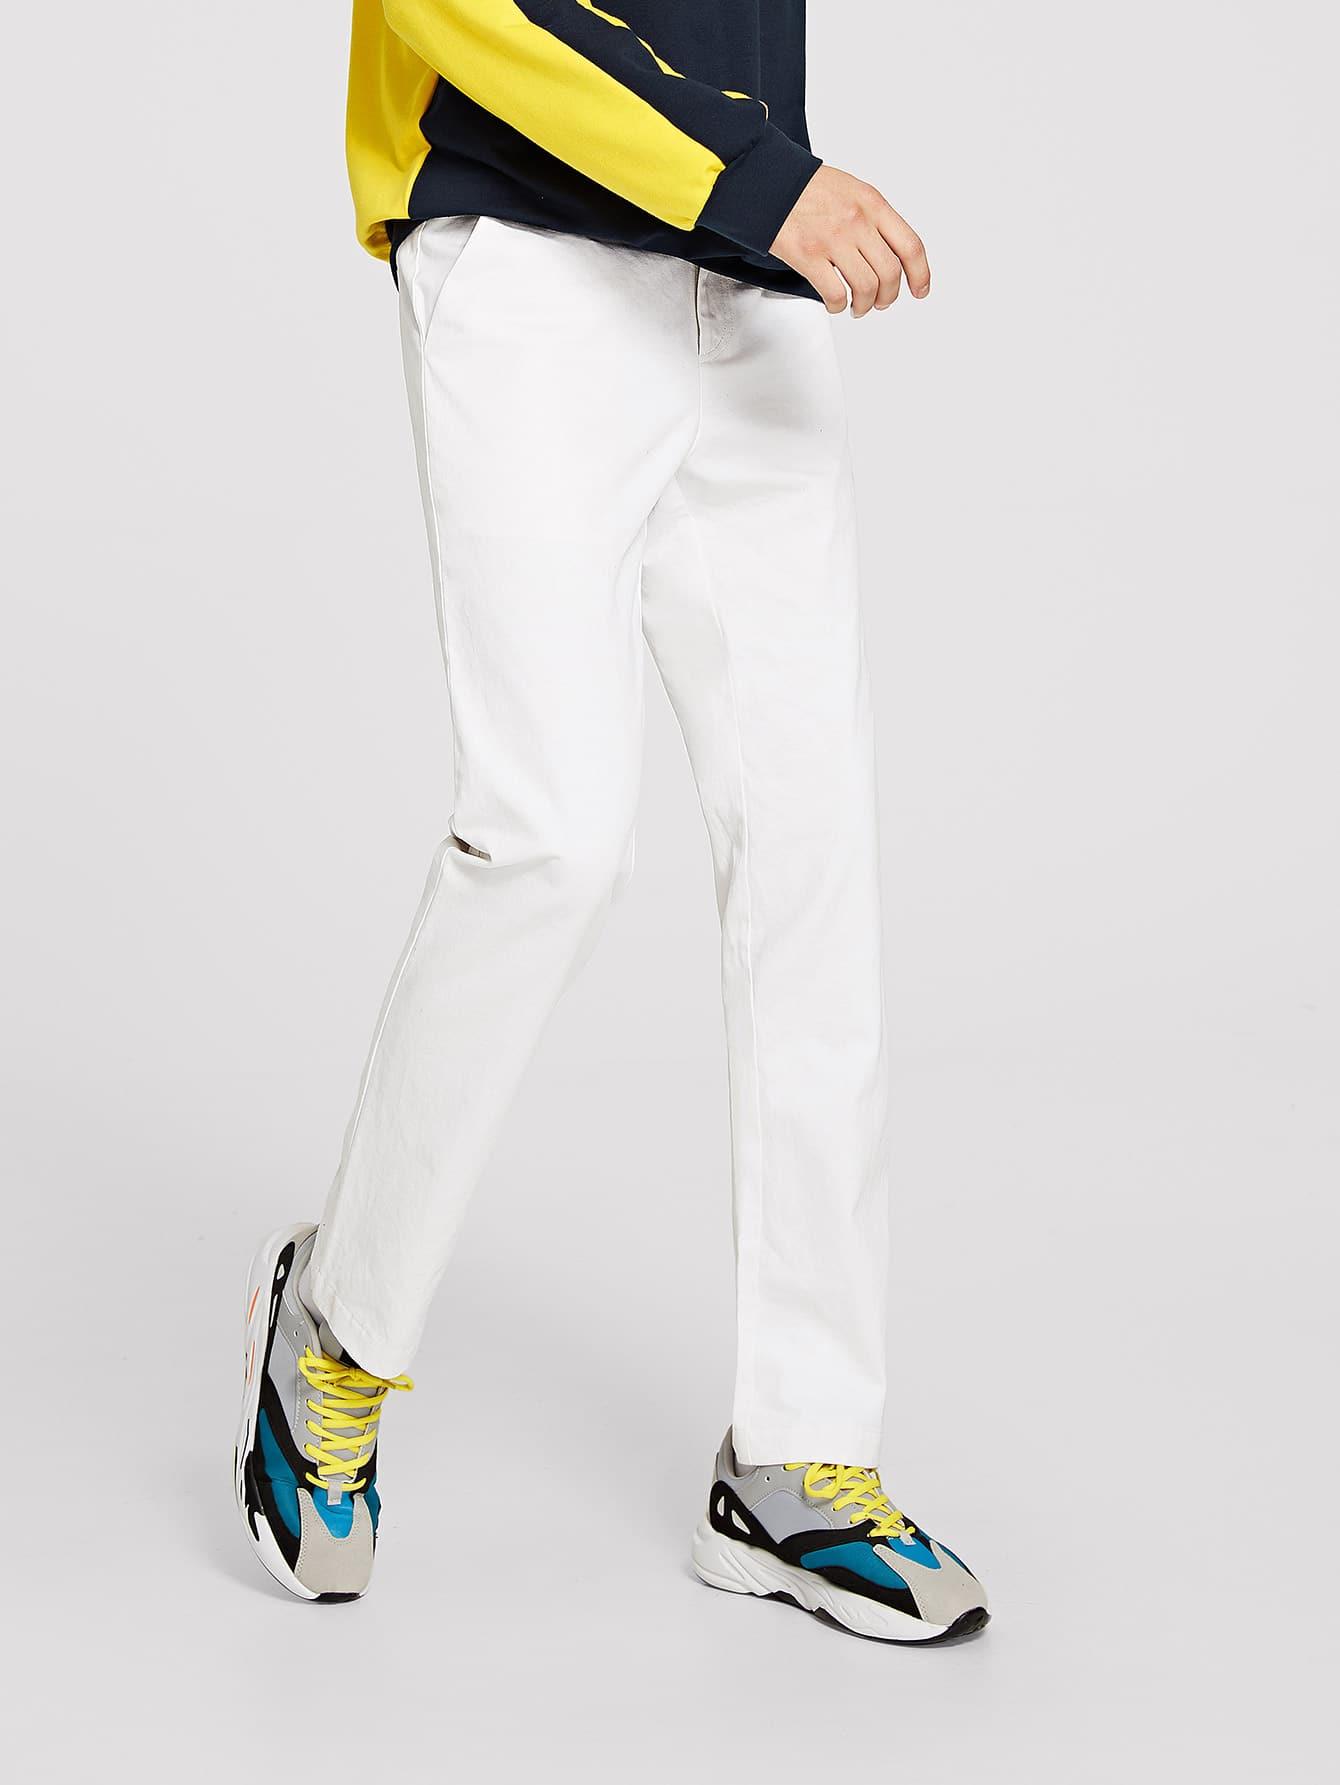 Купить Для мужчин твердые брюки на молнии, Misha, SheIn